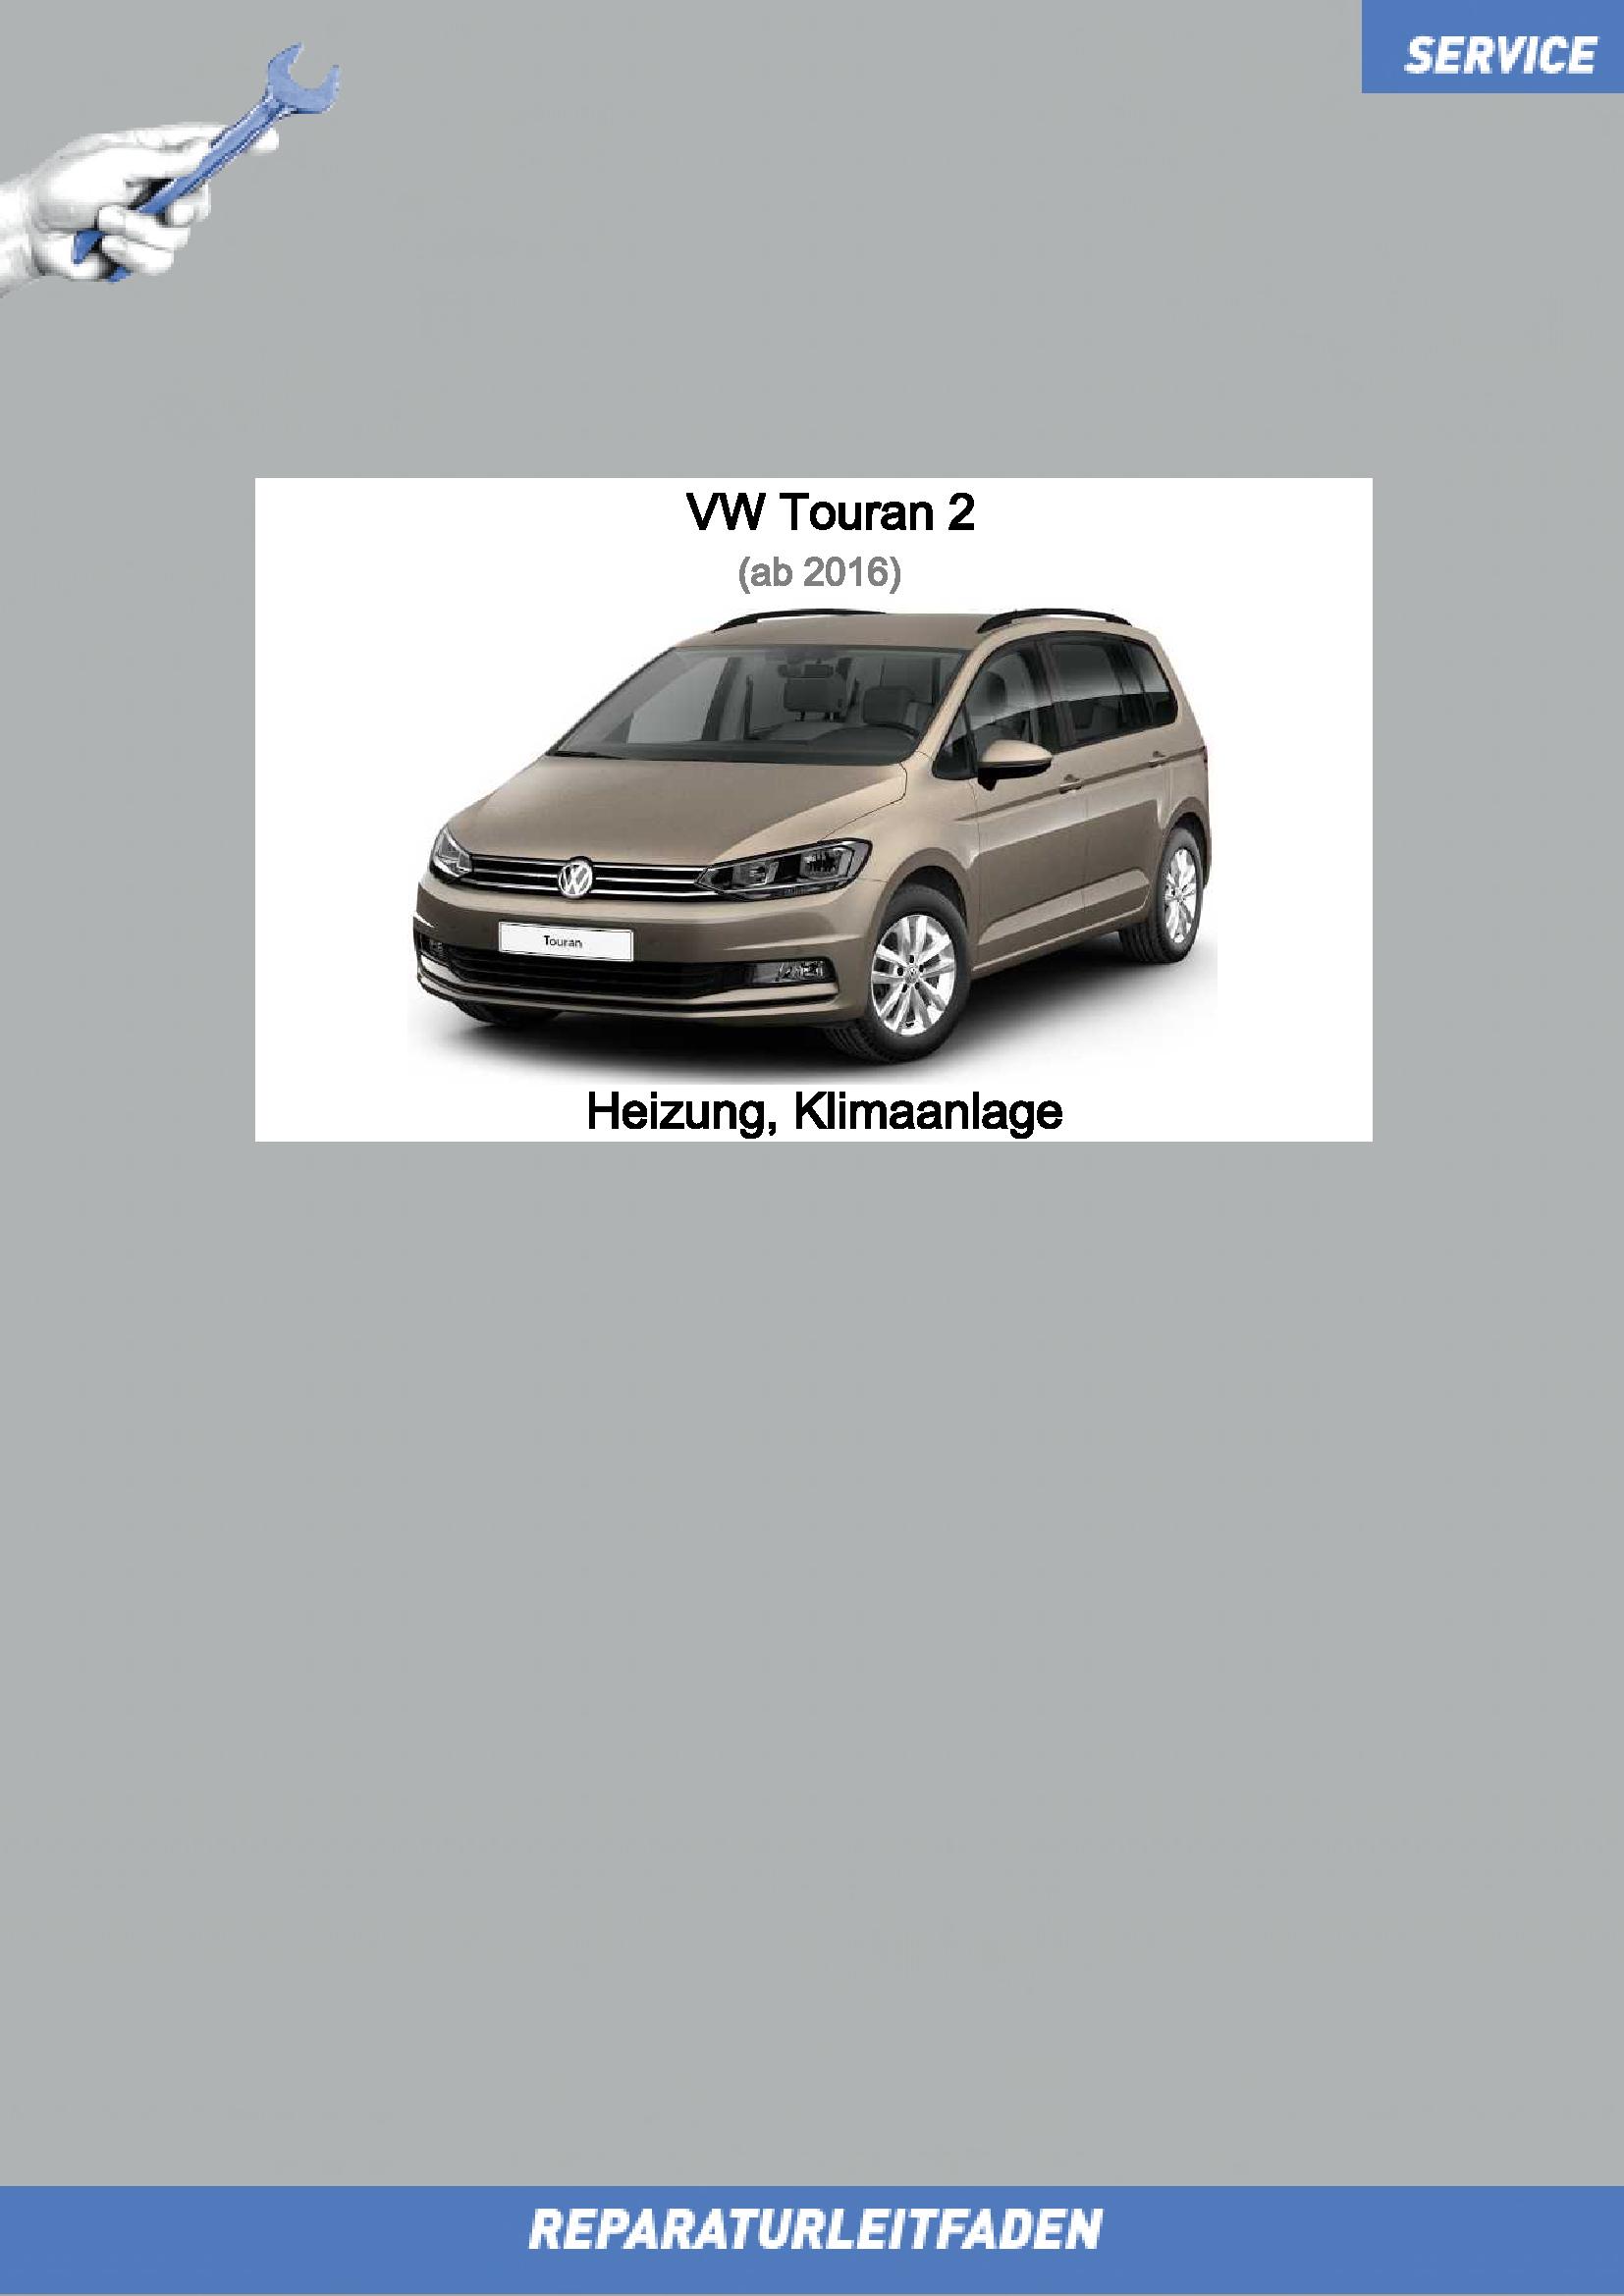 vw-touran-5t1-0007-heizung_klimaanlage_1_1.png